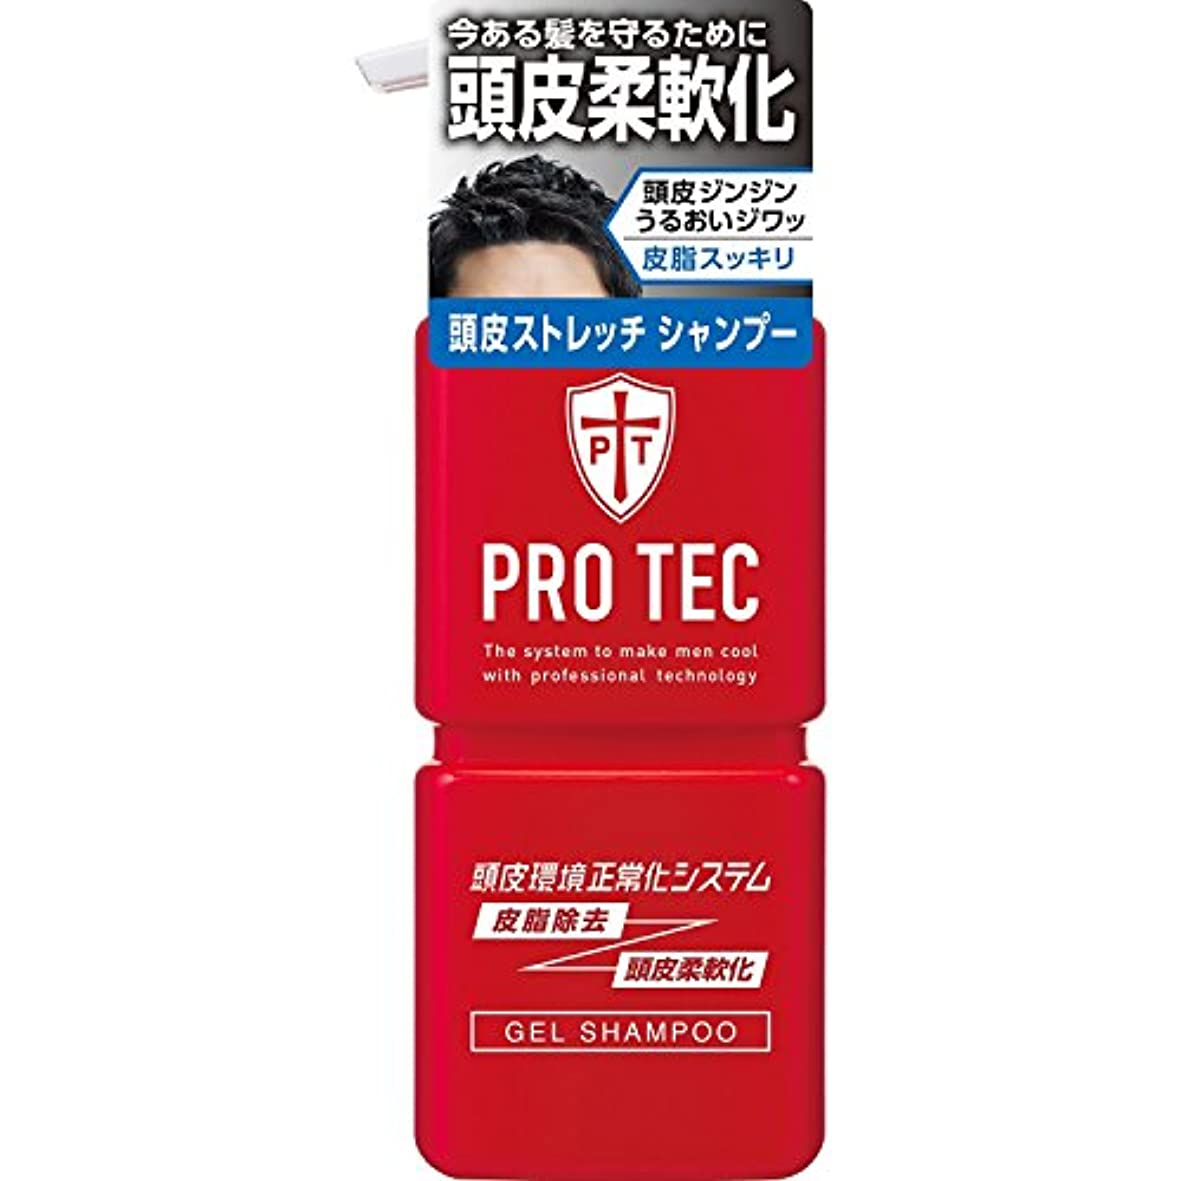 経済的空気ボスPRO TEC(プロテク) 頭皮ストレッチ シャンプー 本体ポンプ 300g(医薬部外品)